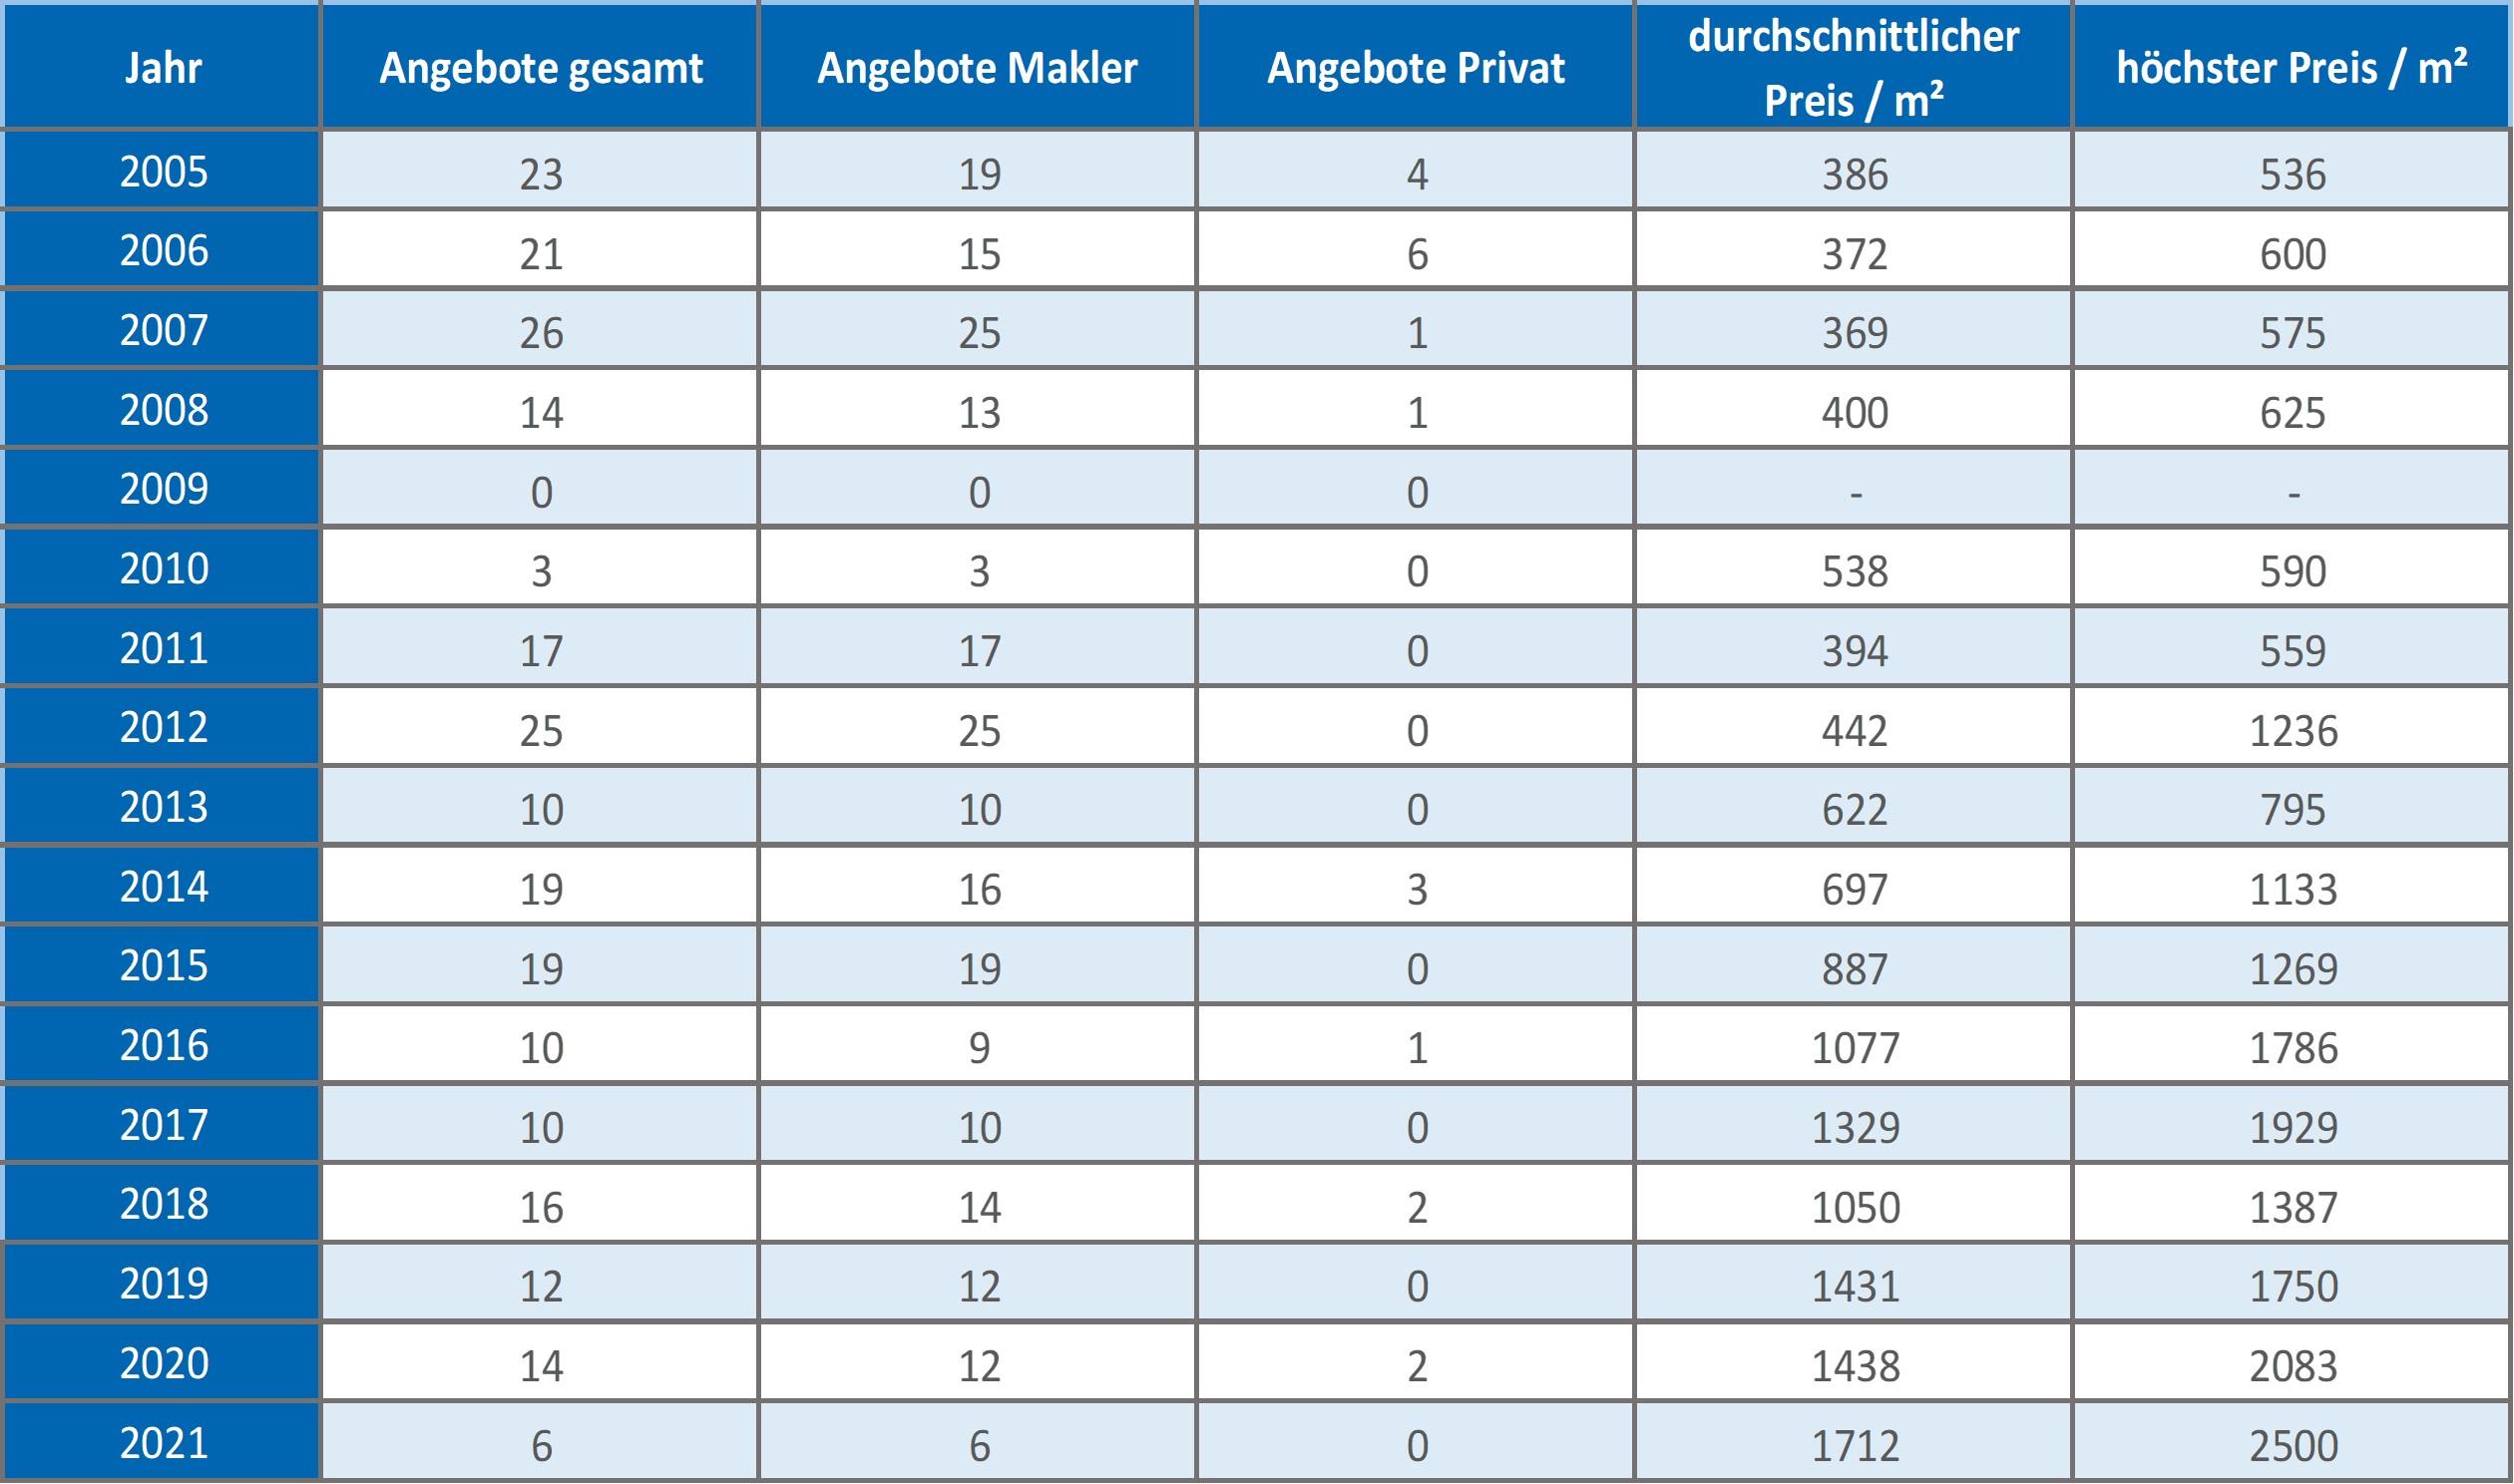 Bad Wiessee-Grundstück-kaufen-verkaufen-Makler 2019, 2020, 2021